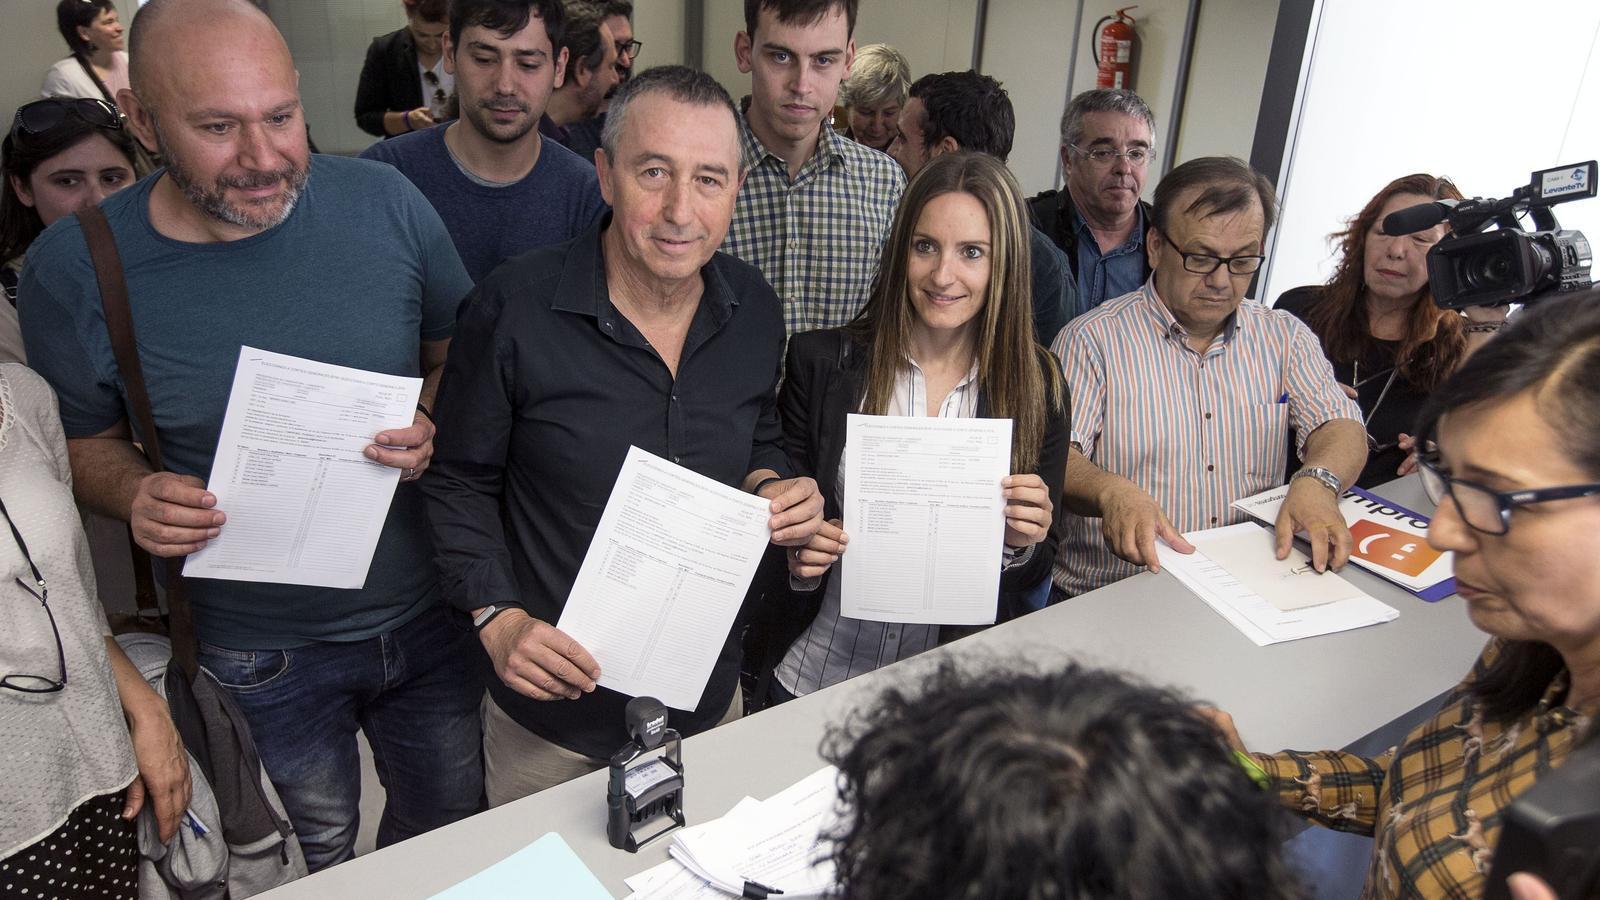 El cap de llista de la coalició 'A la valenciana', Joan Baldoví (centre), al costat dels número 1 d'Esquerra Unida, Ricardo Sixto, i de Podem, Àngela Ballester, avui en el moment de registrar la seva candidatura en la Junta Electoral.